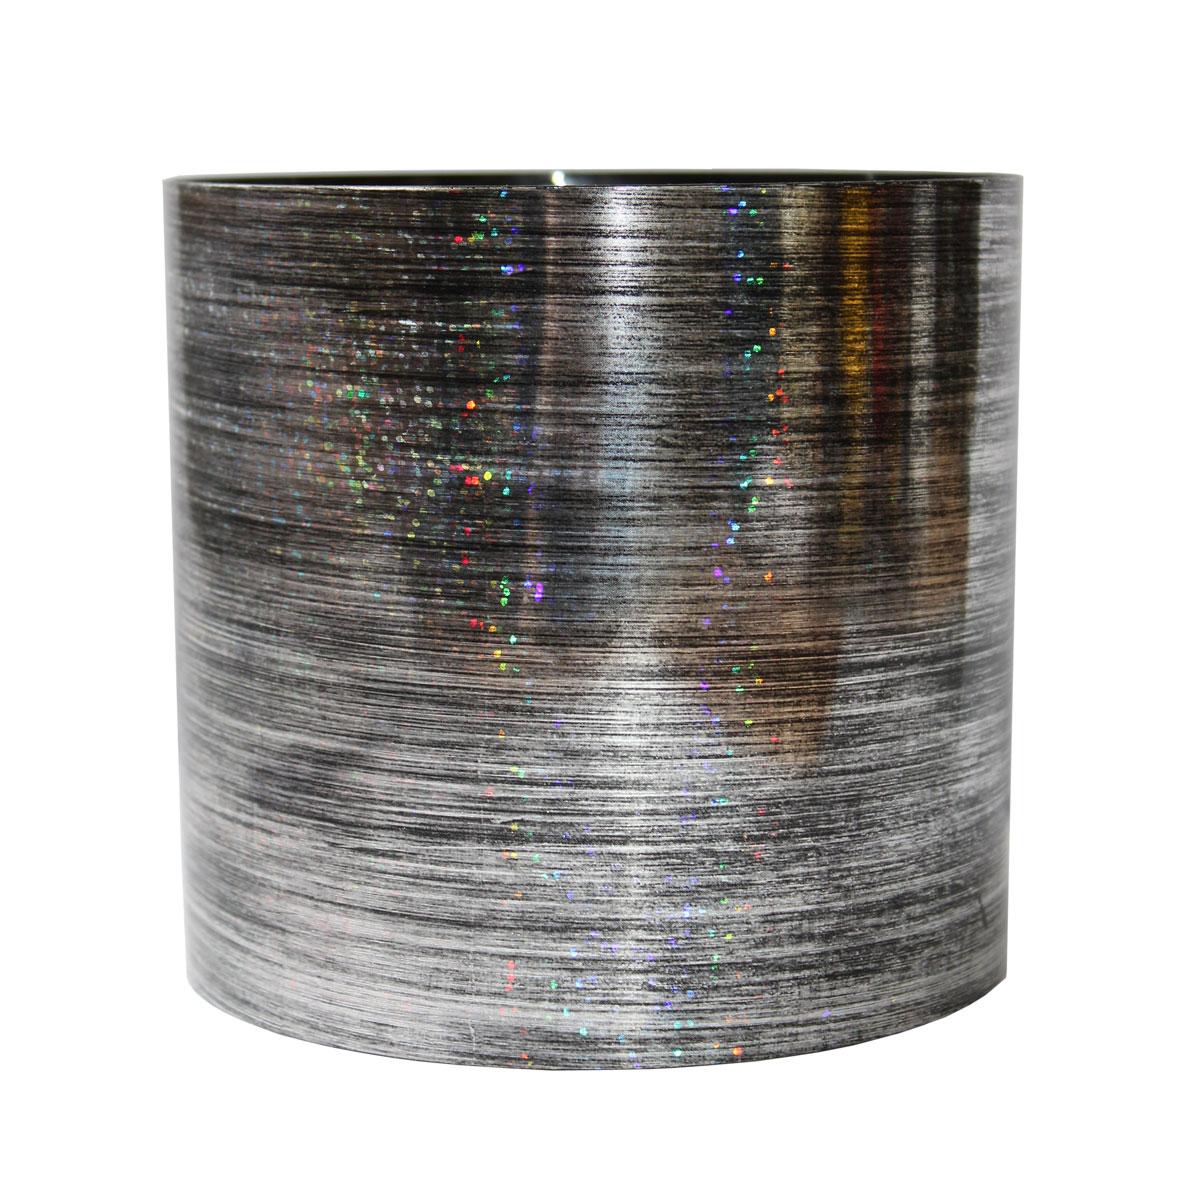 Горшок для цветов Miolla Серебро, со скрытым поддоном, 2,8 лZ-0307Горшок для цветов Miolla Серебро со скрытым поддоном выполнен из пластика.Диаметр горшка: 16,5 см.Высота горшка (с учетом поддона): 16 см.Объем горшка: 2,8 л.